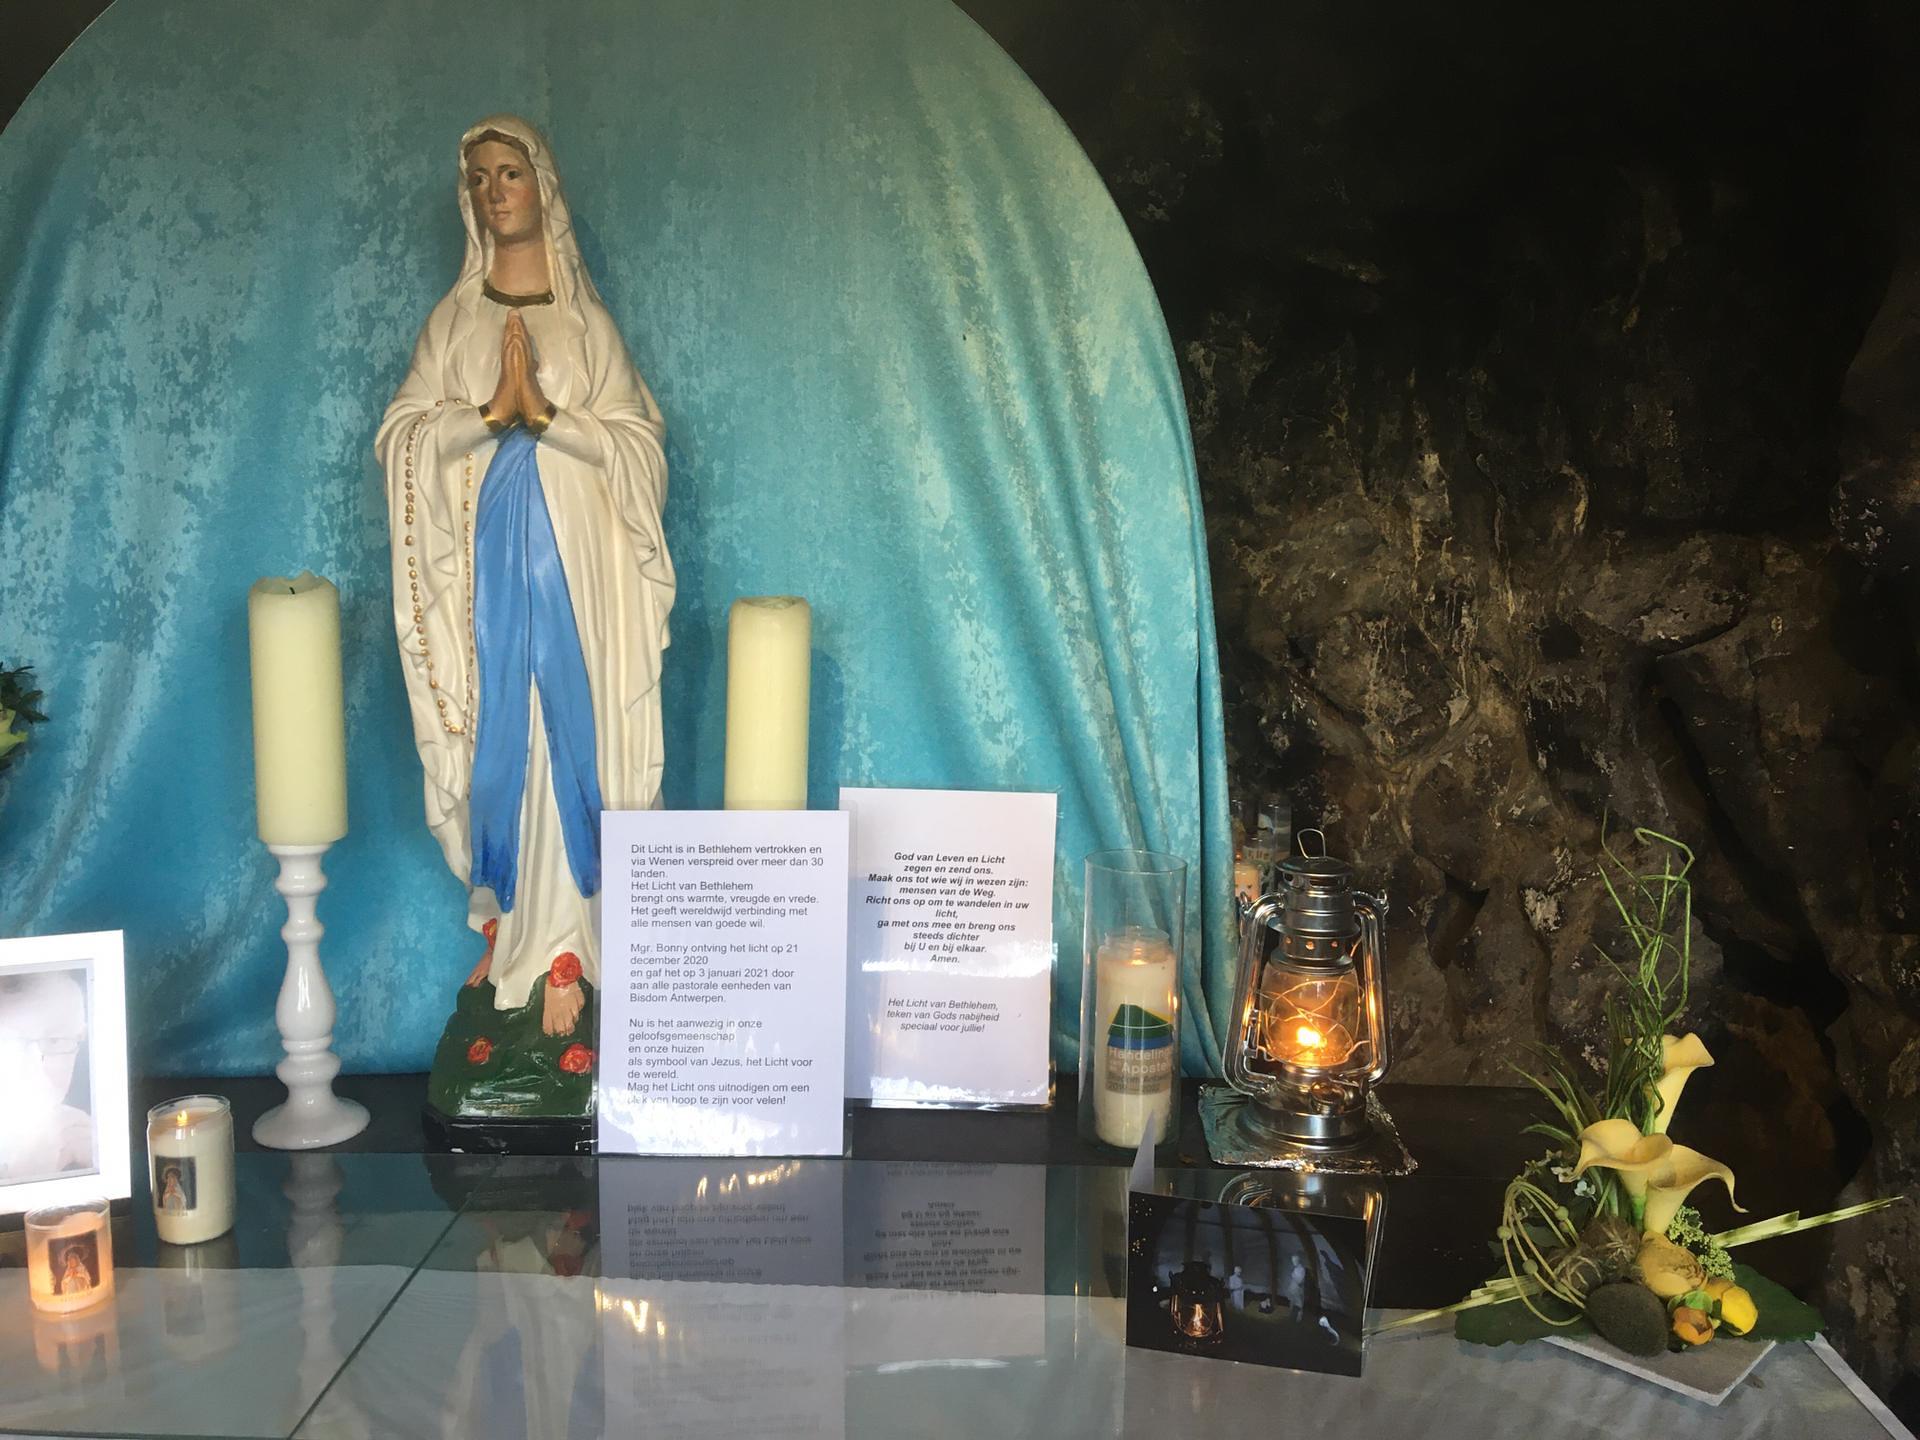 Licht van Betlehem in de grot van de Basiliek van Edegem